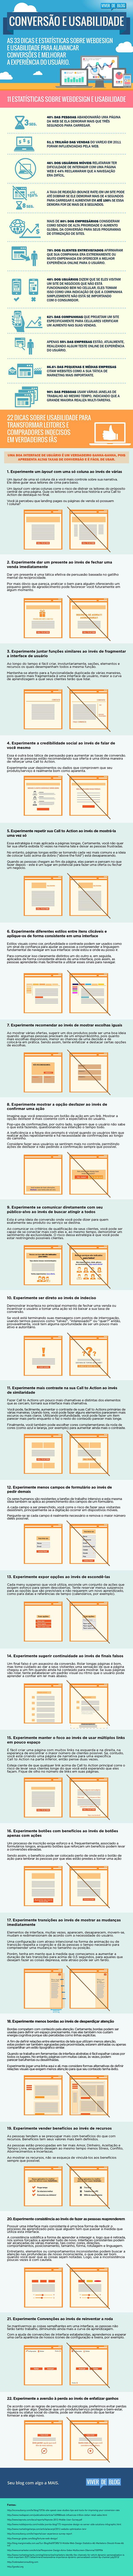 Infográfico Conversão e Usabilidade 600px [Infográfico] 33 dicas sobre webdesign e usabilidade que irão alavancar suas conversões.